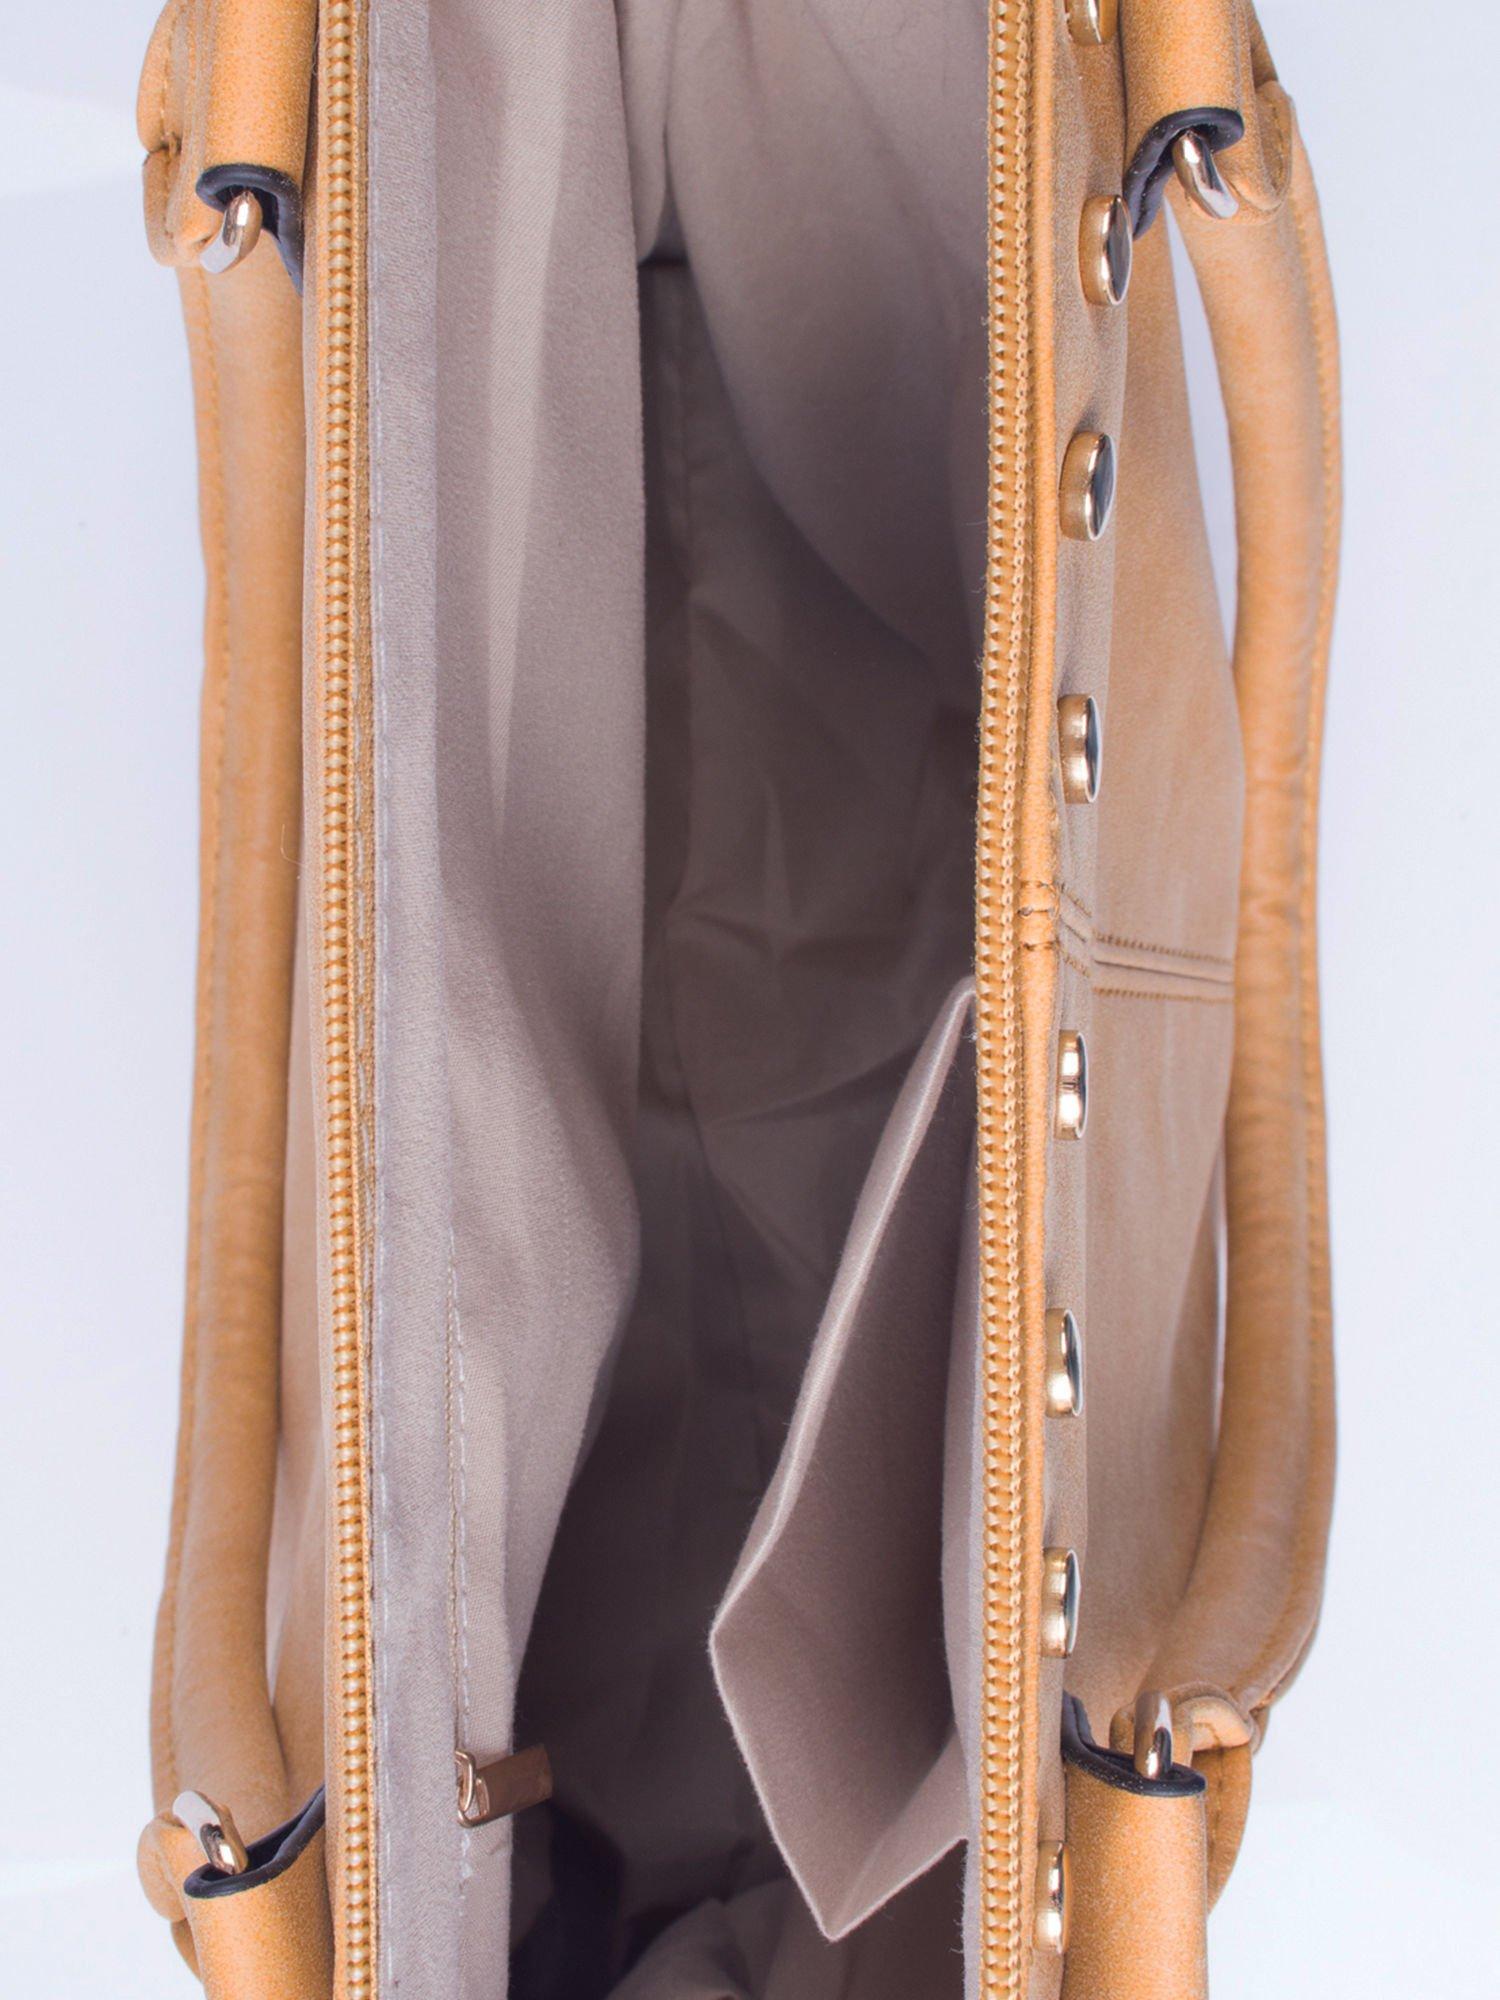 Karmelowa torba shopper bag ze złotymi ćwiekami                                  zdj.                                  4